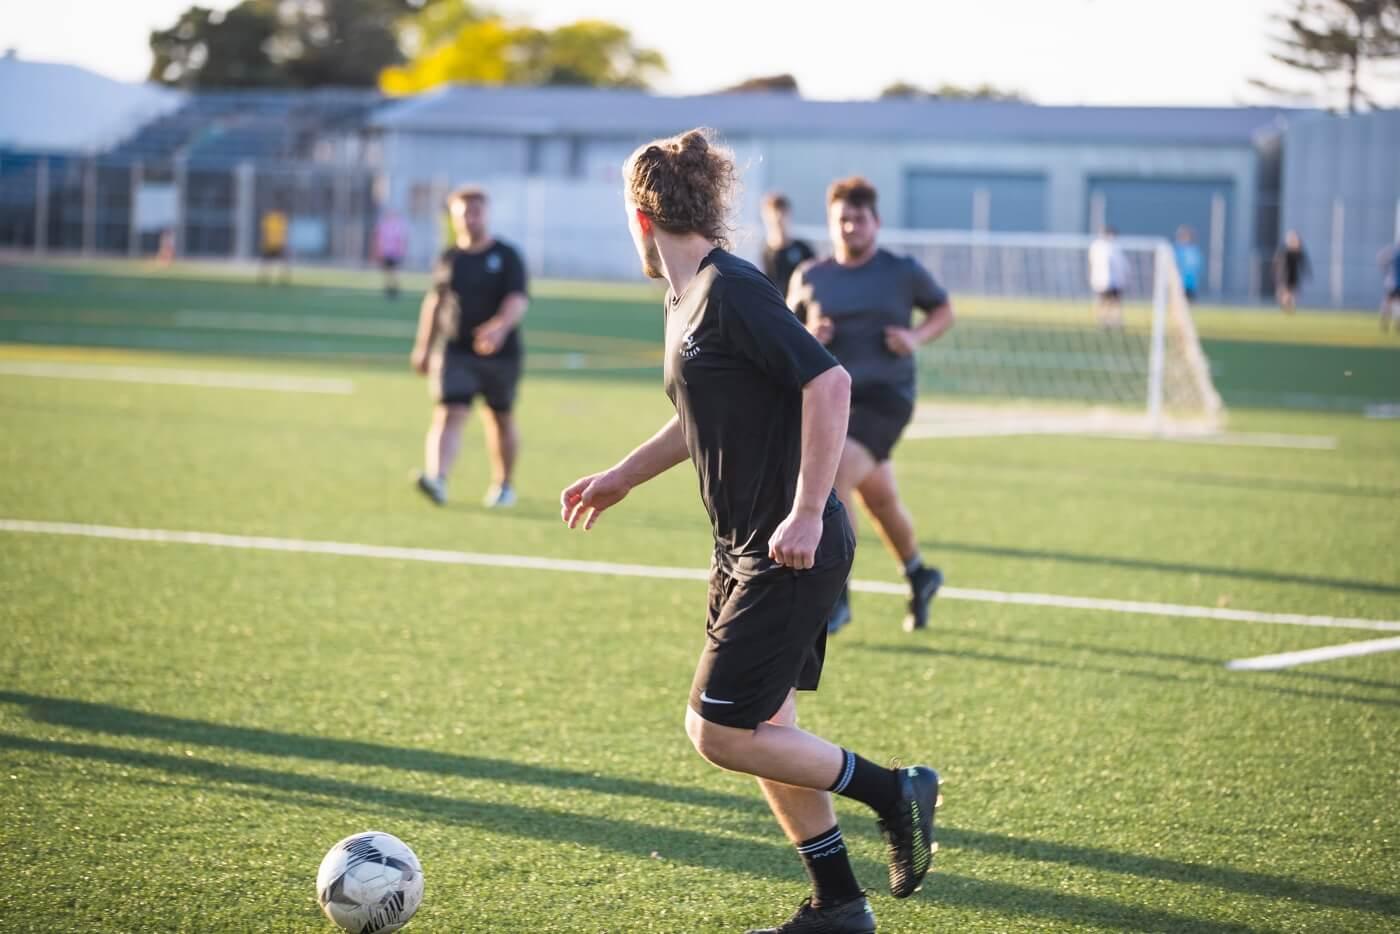 Fußballspieler auf Platz in einem Spiel.